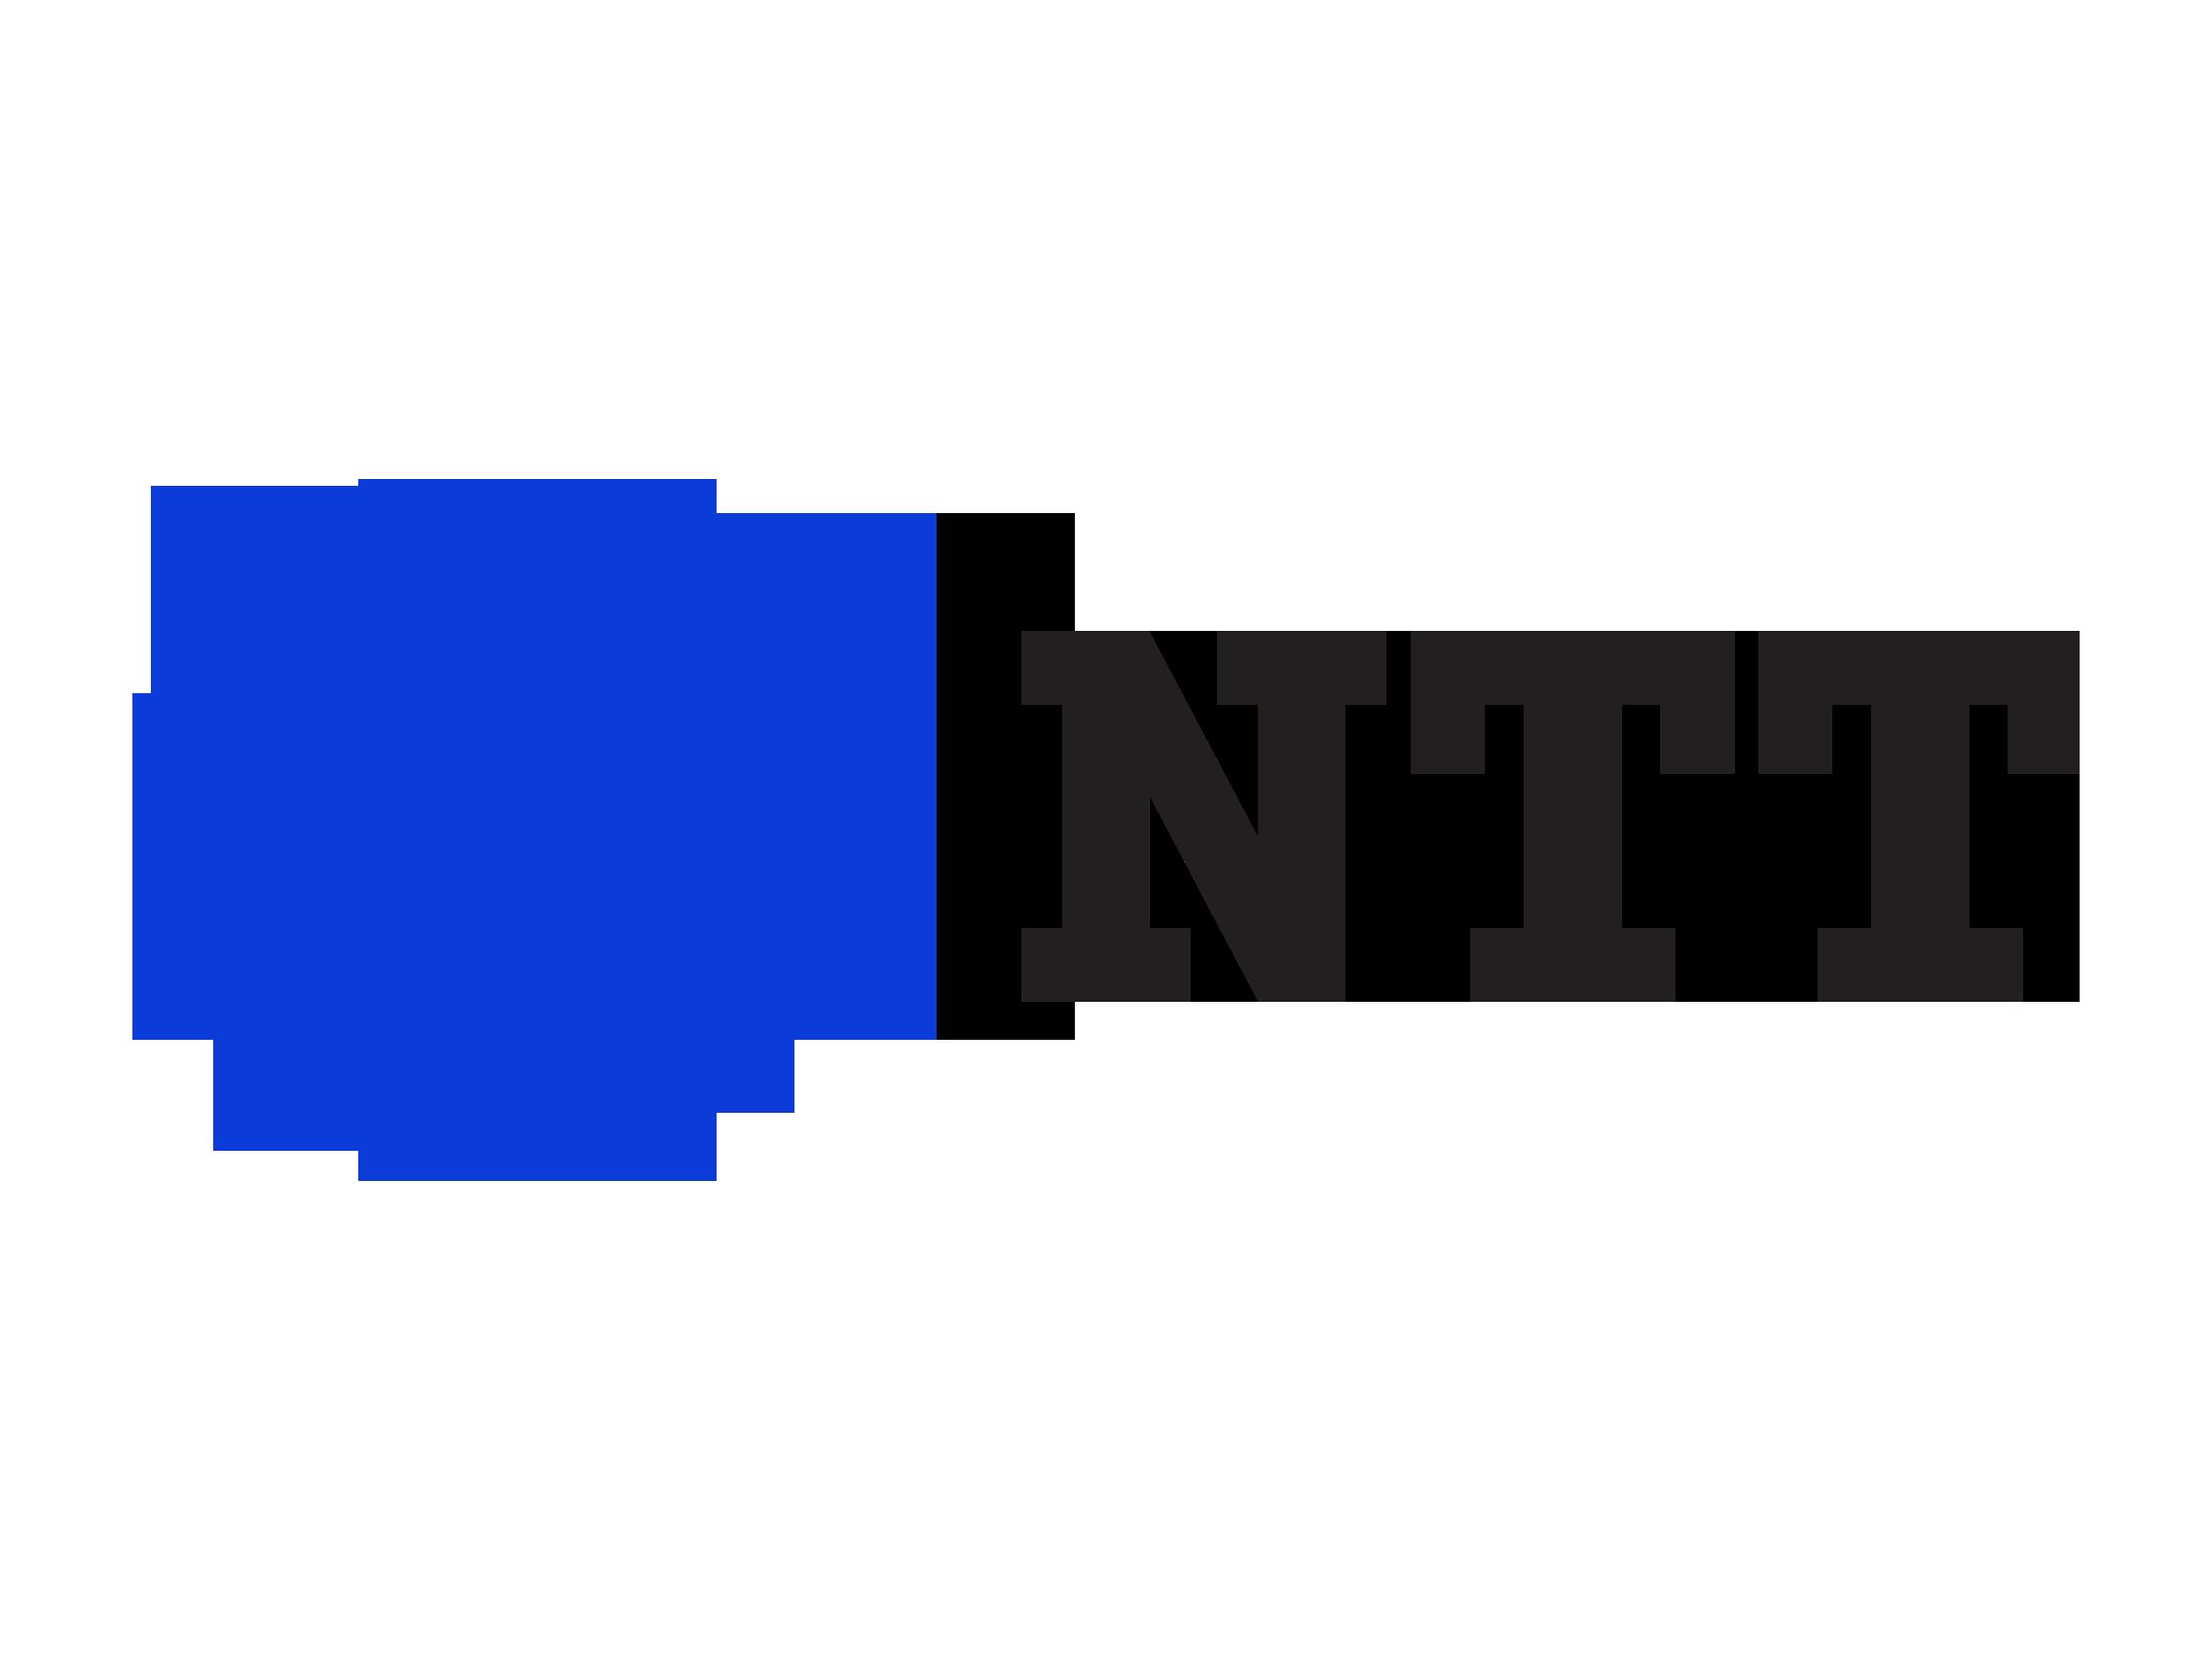 https://www.chasetek.com/wp-content/uploads/2018/02/NTT.png